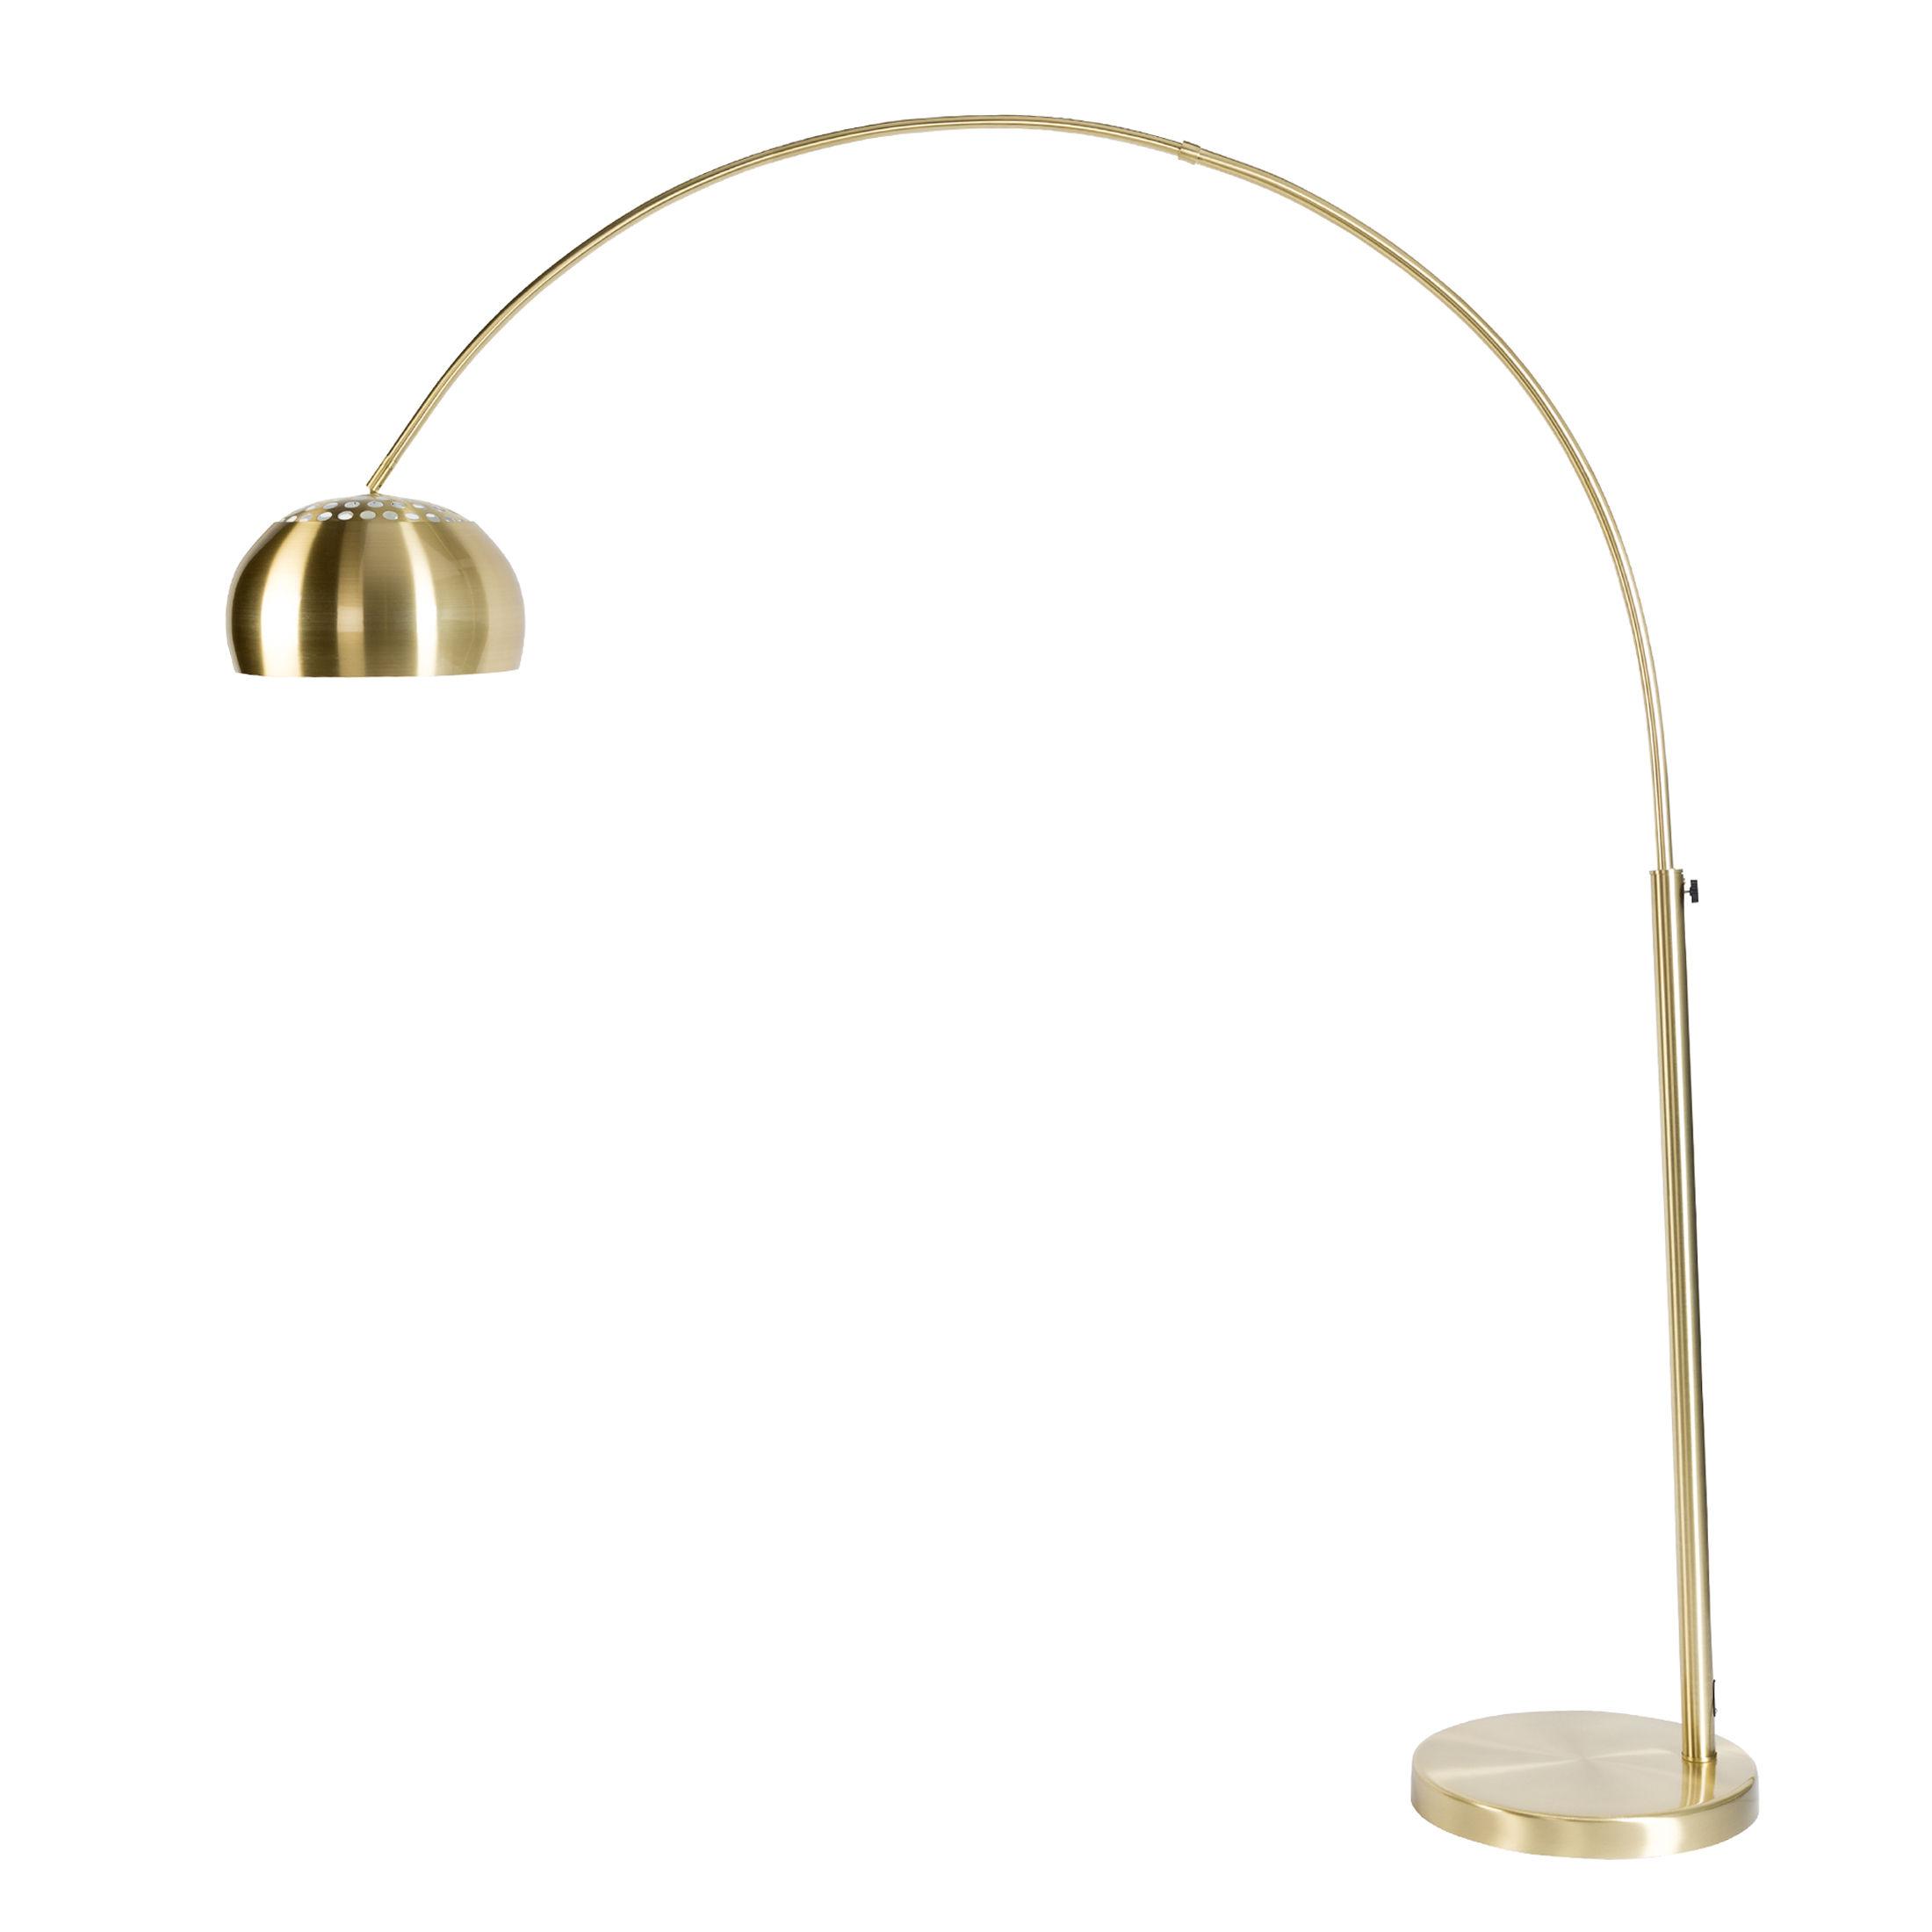 Bogen Lampe Arc Messing Promondo